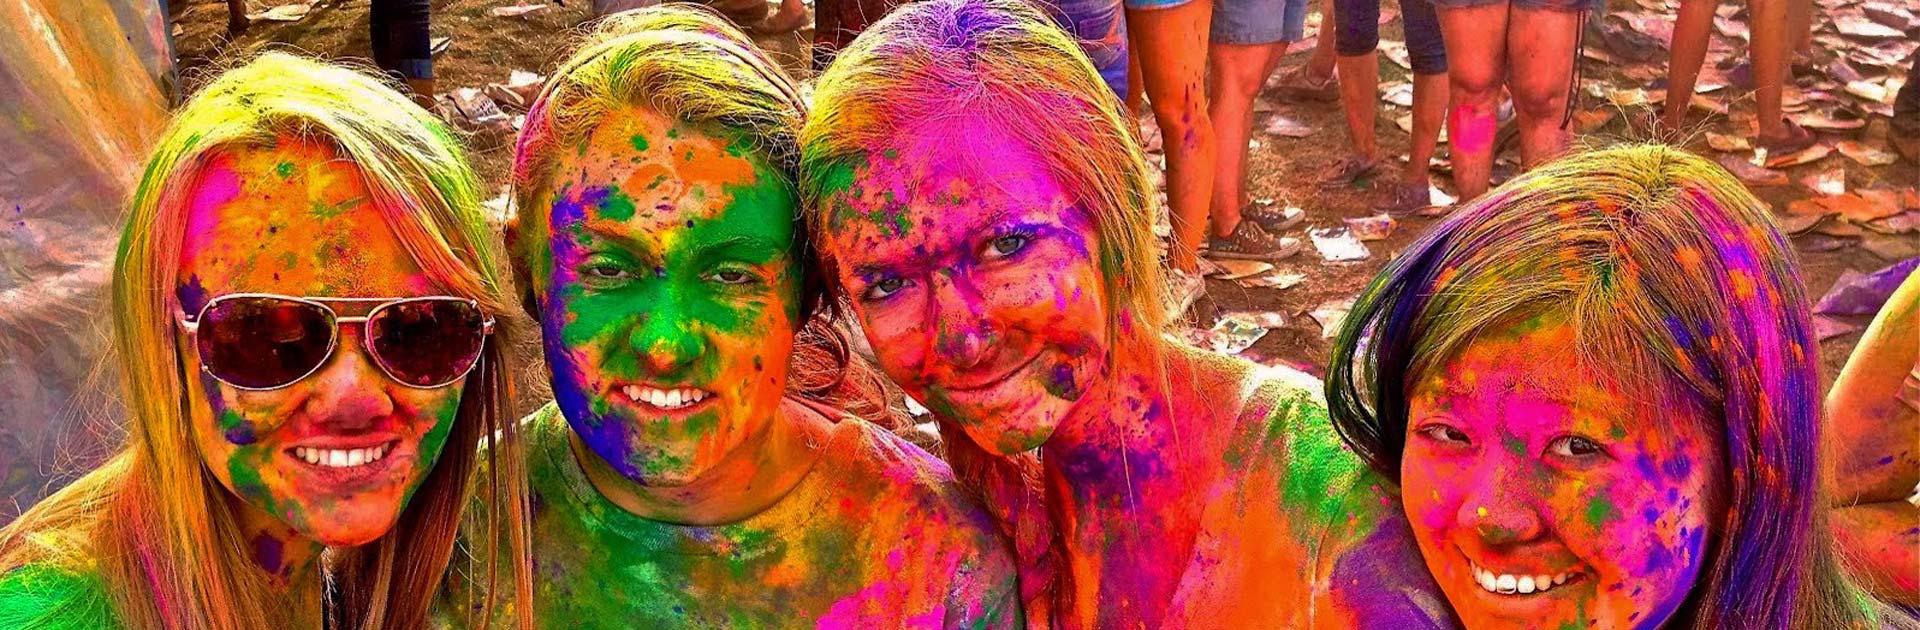 IN Festival de Holi 8 días 1